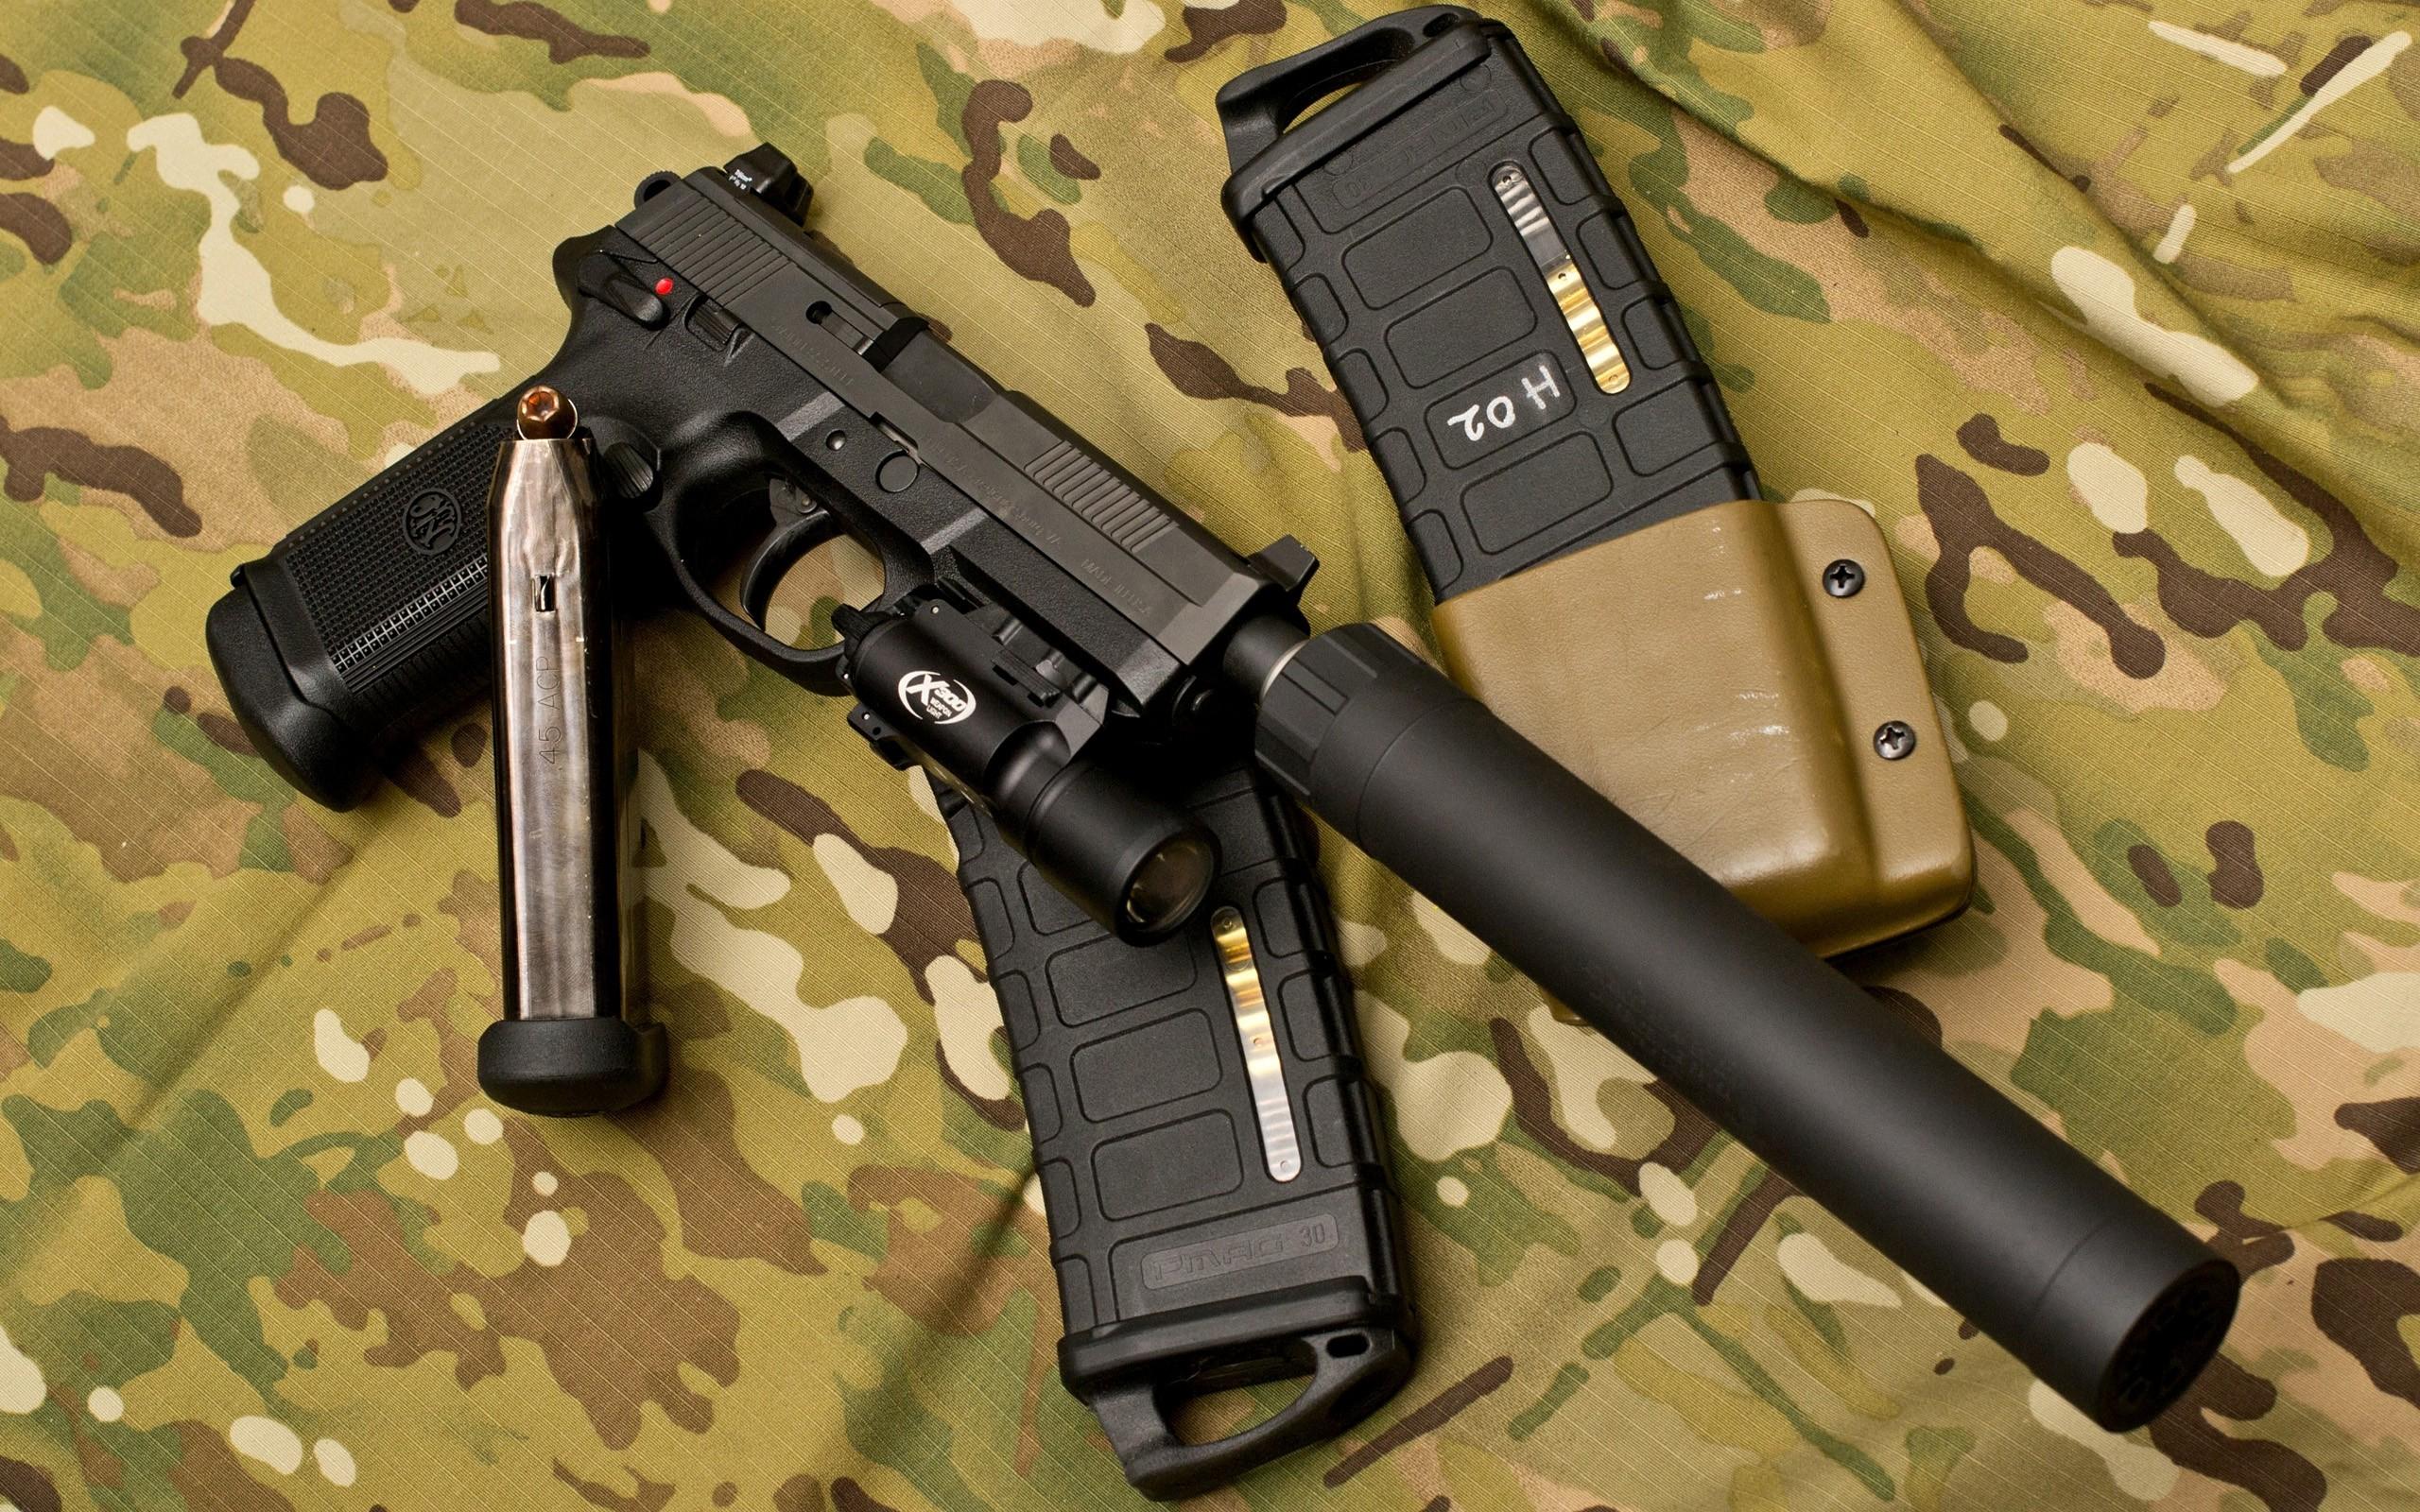 Pubg Wallpaper Flare Gun: Пистолет с глушителем обои для рабочего стола, картинки и